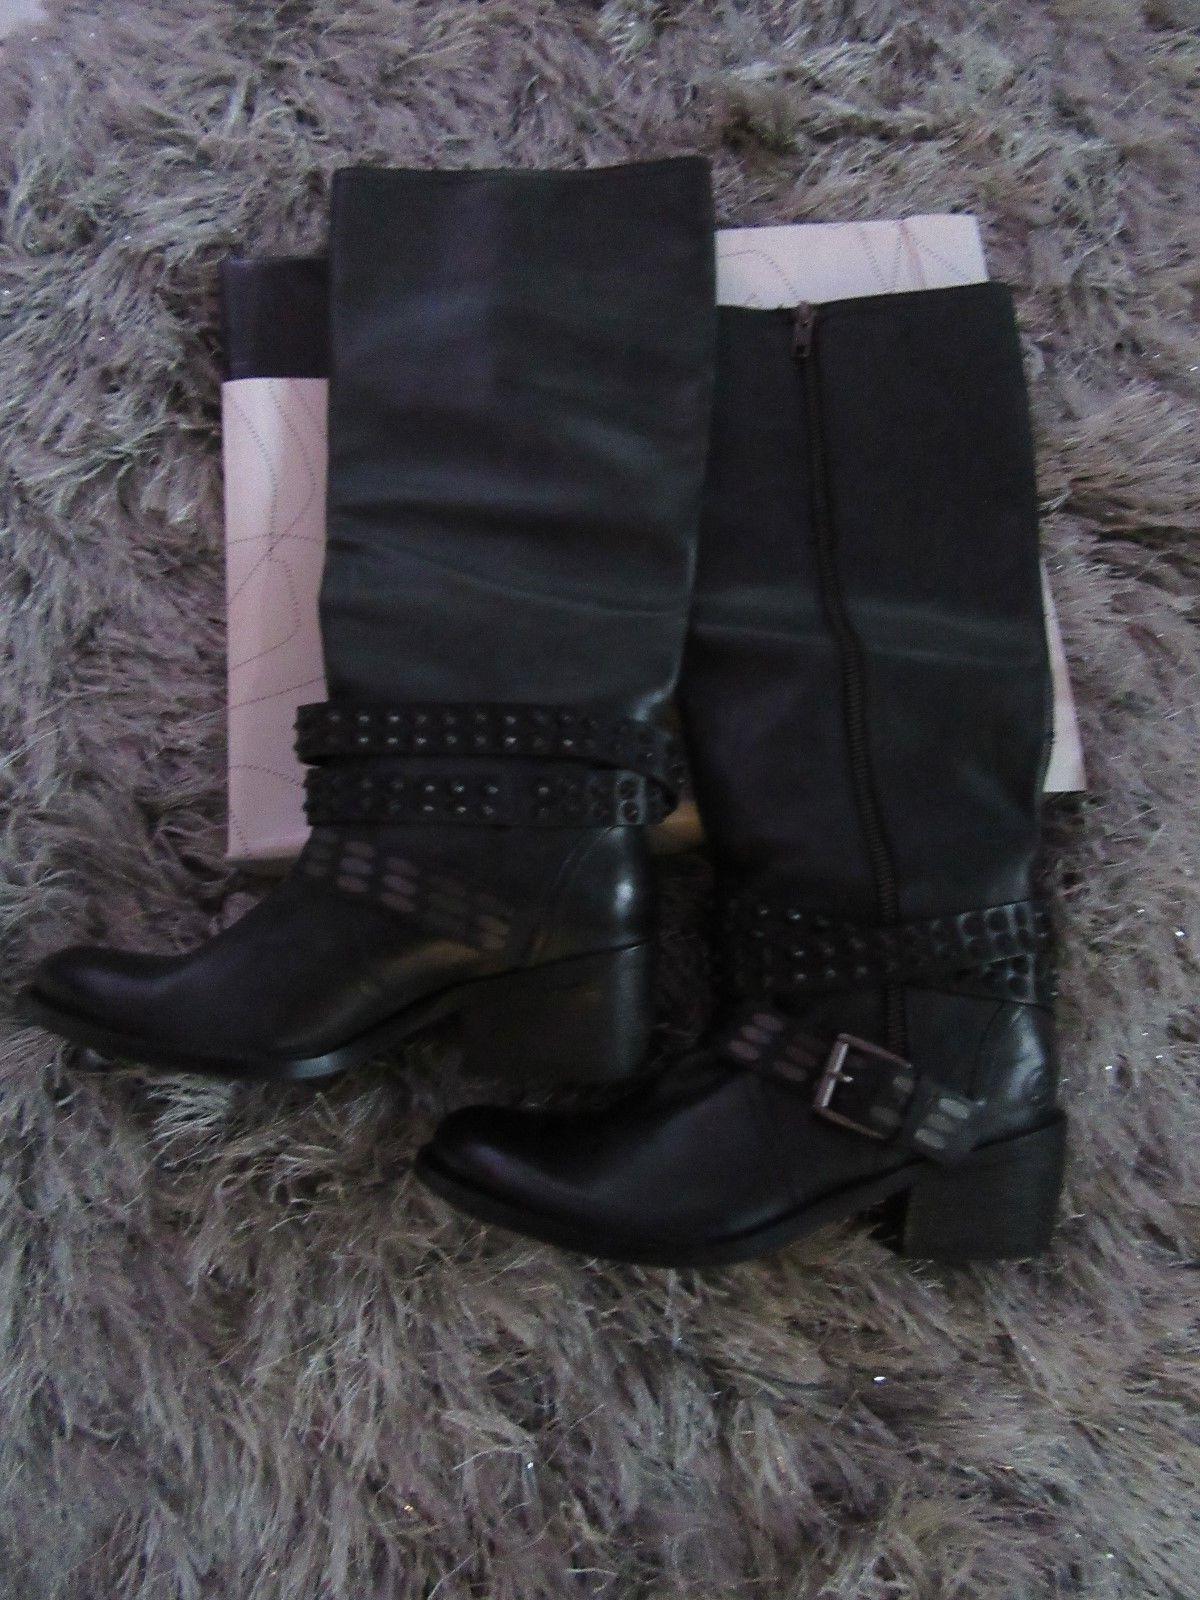 Neue Stiefel der Marke Bronx schwarz komplett aus Leder,in Grösse 38